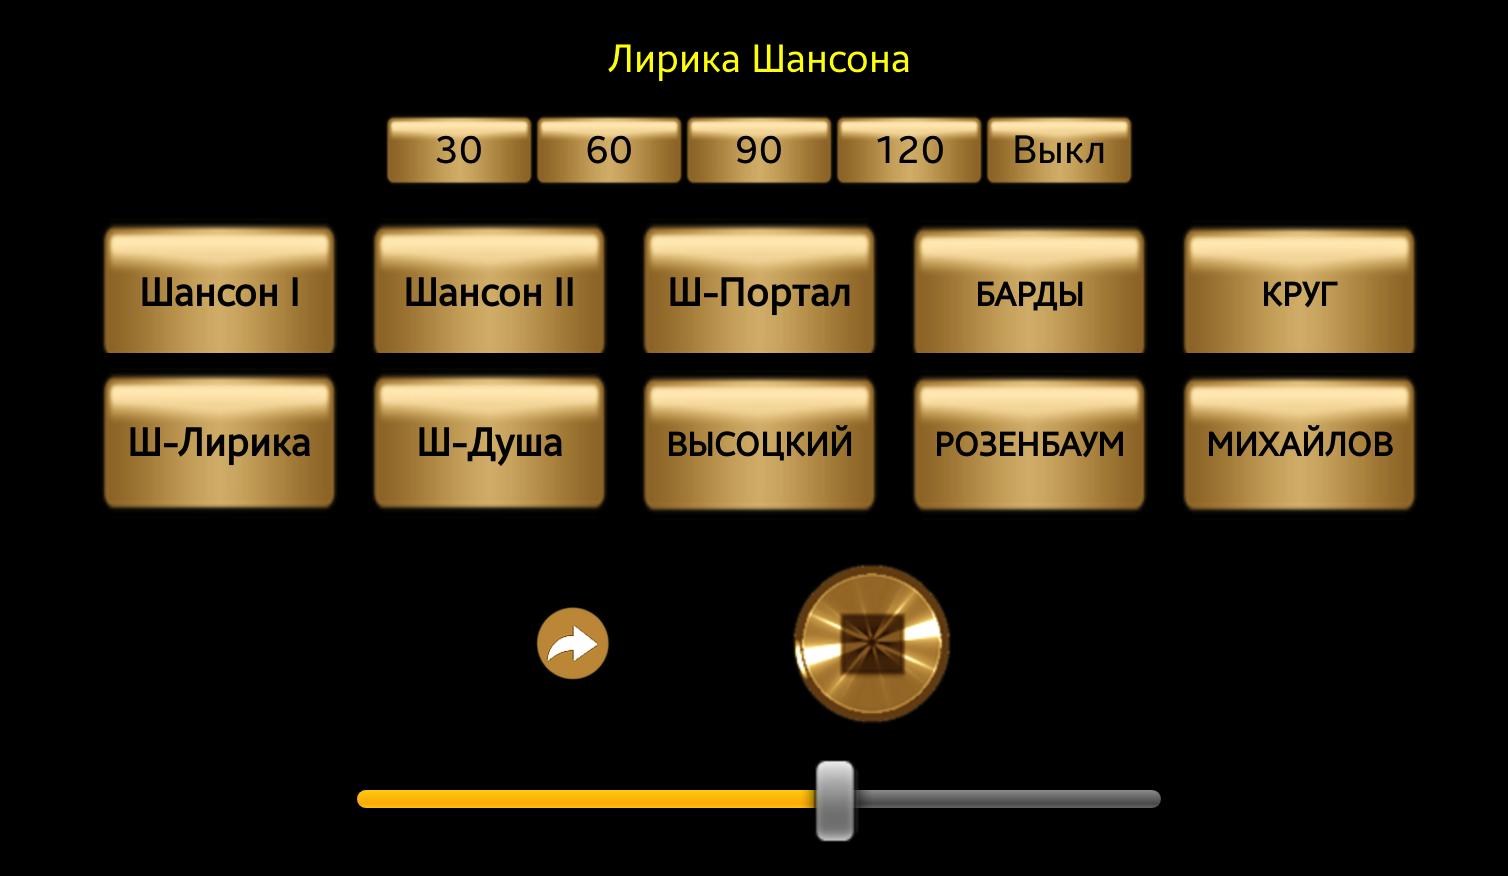 Фаворитные российские программы на дроид